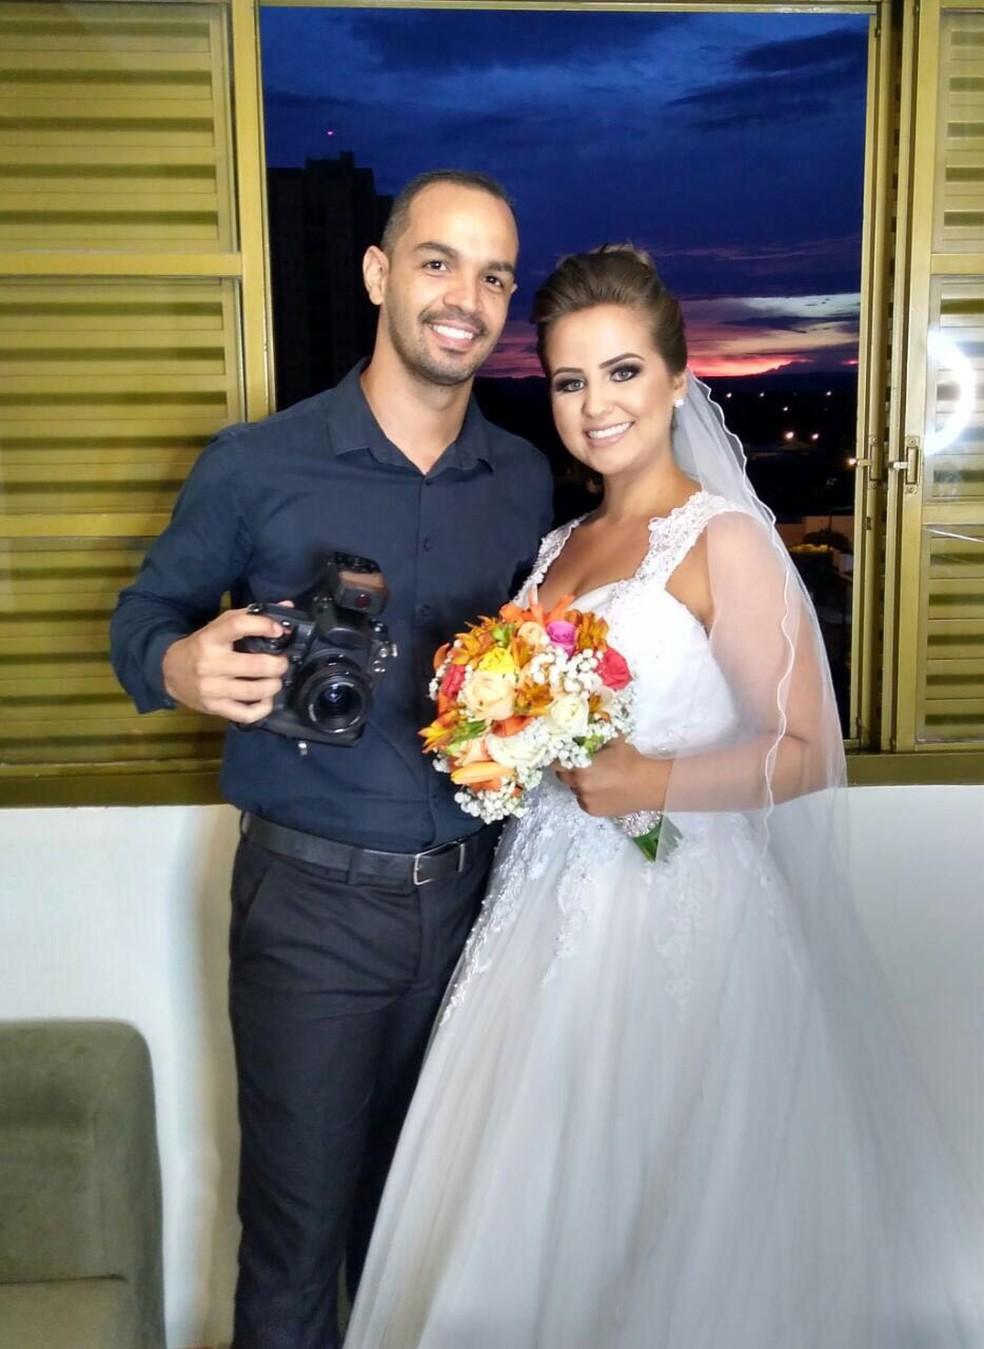 Luana e o fotógrafo Sérgio Simões (Foto: Arquivo pessoal)